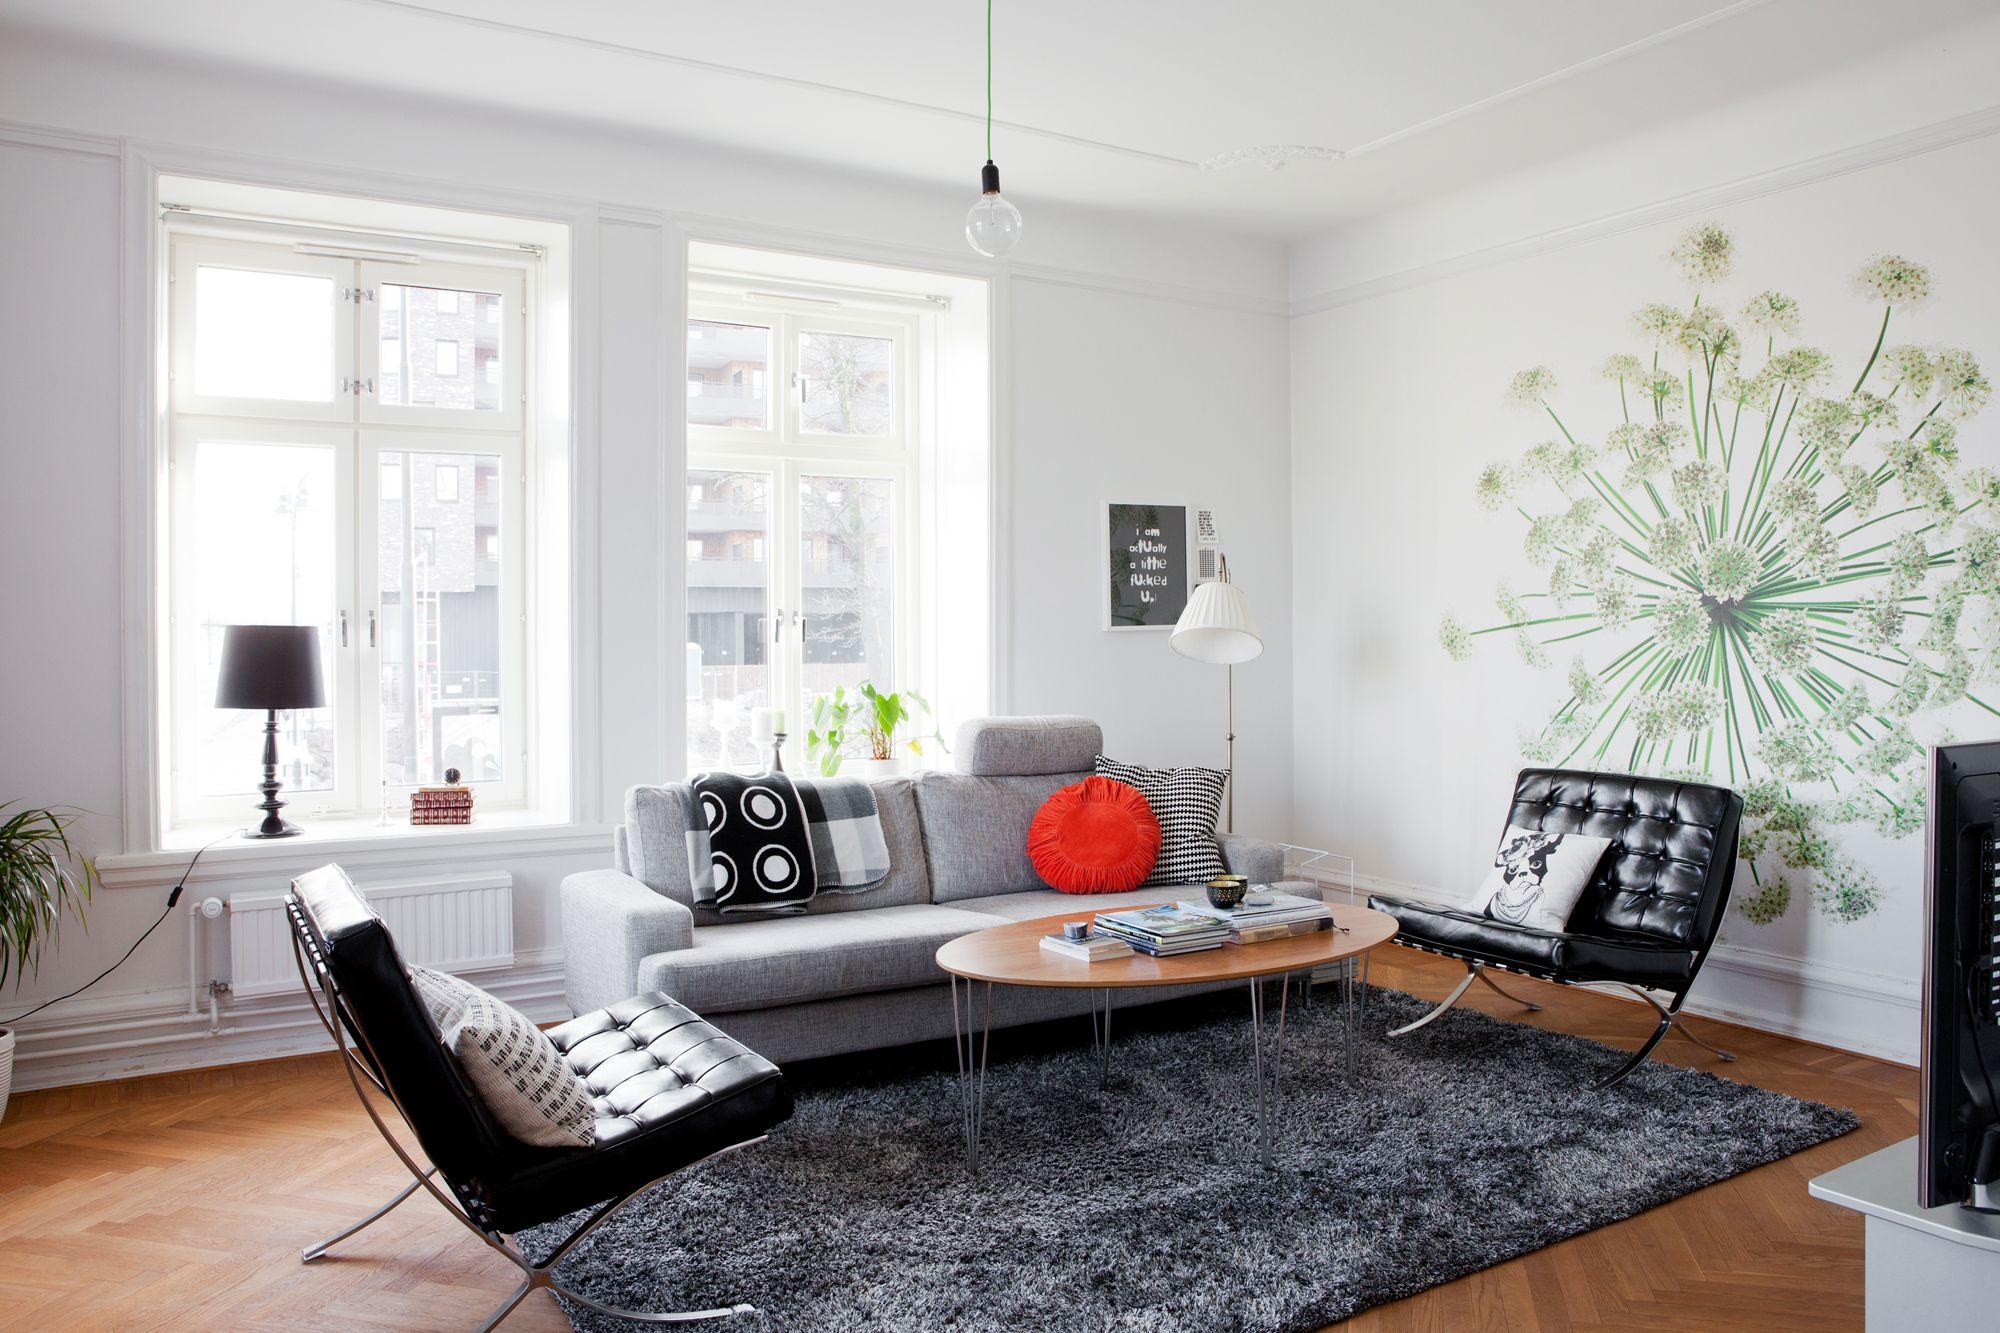 Oficina en casa en espacios peque os decorar despacho en - Decorar despacho en casa ...